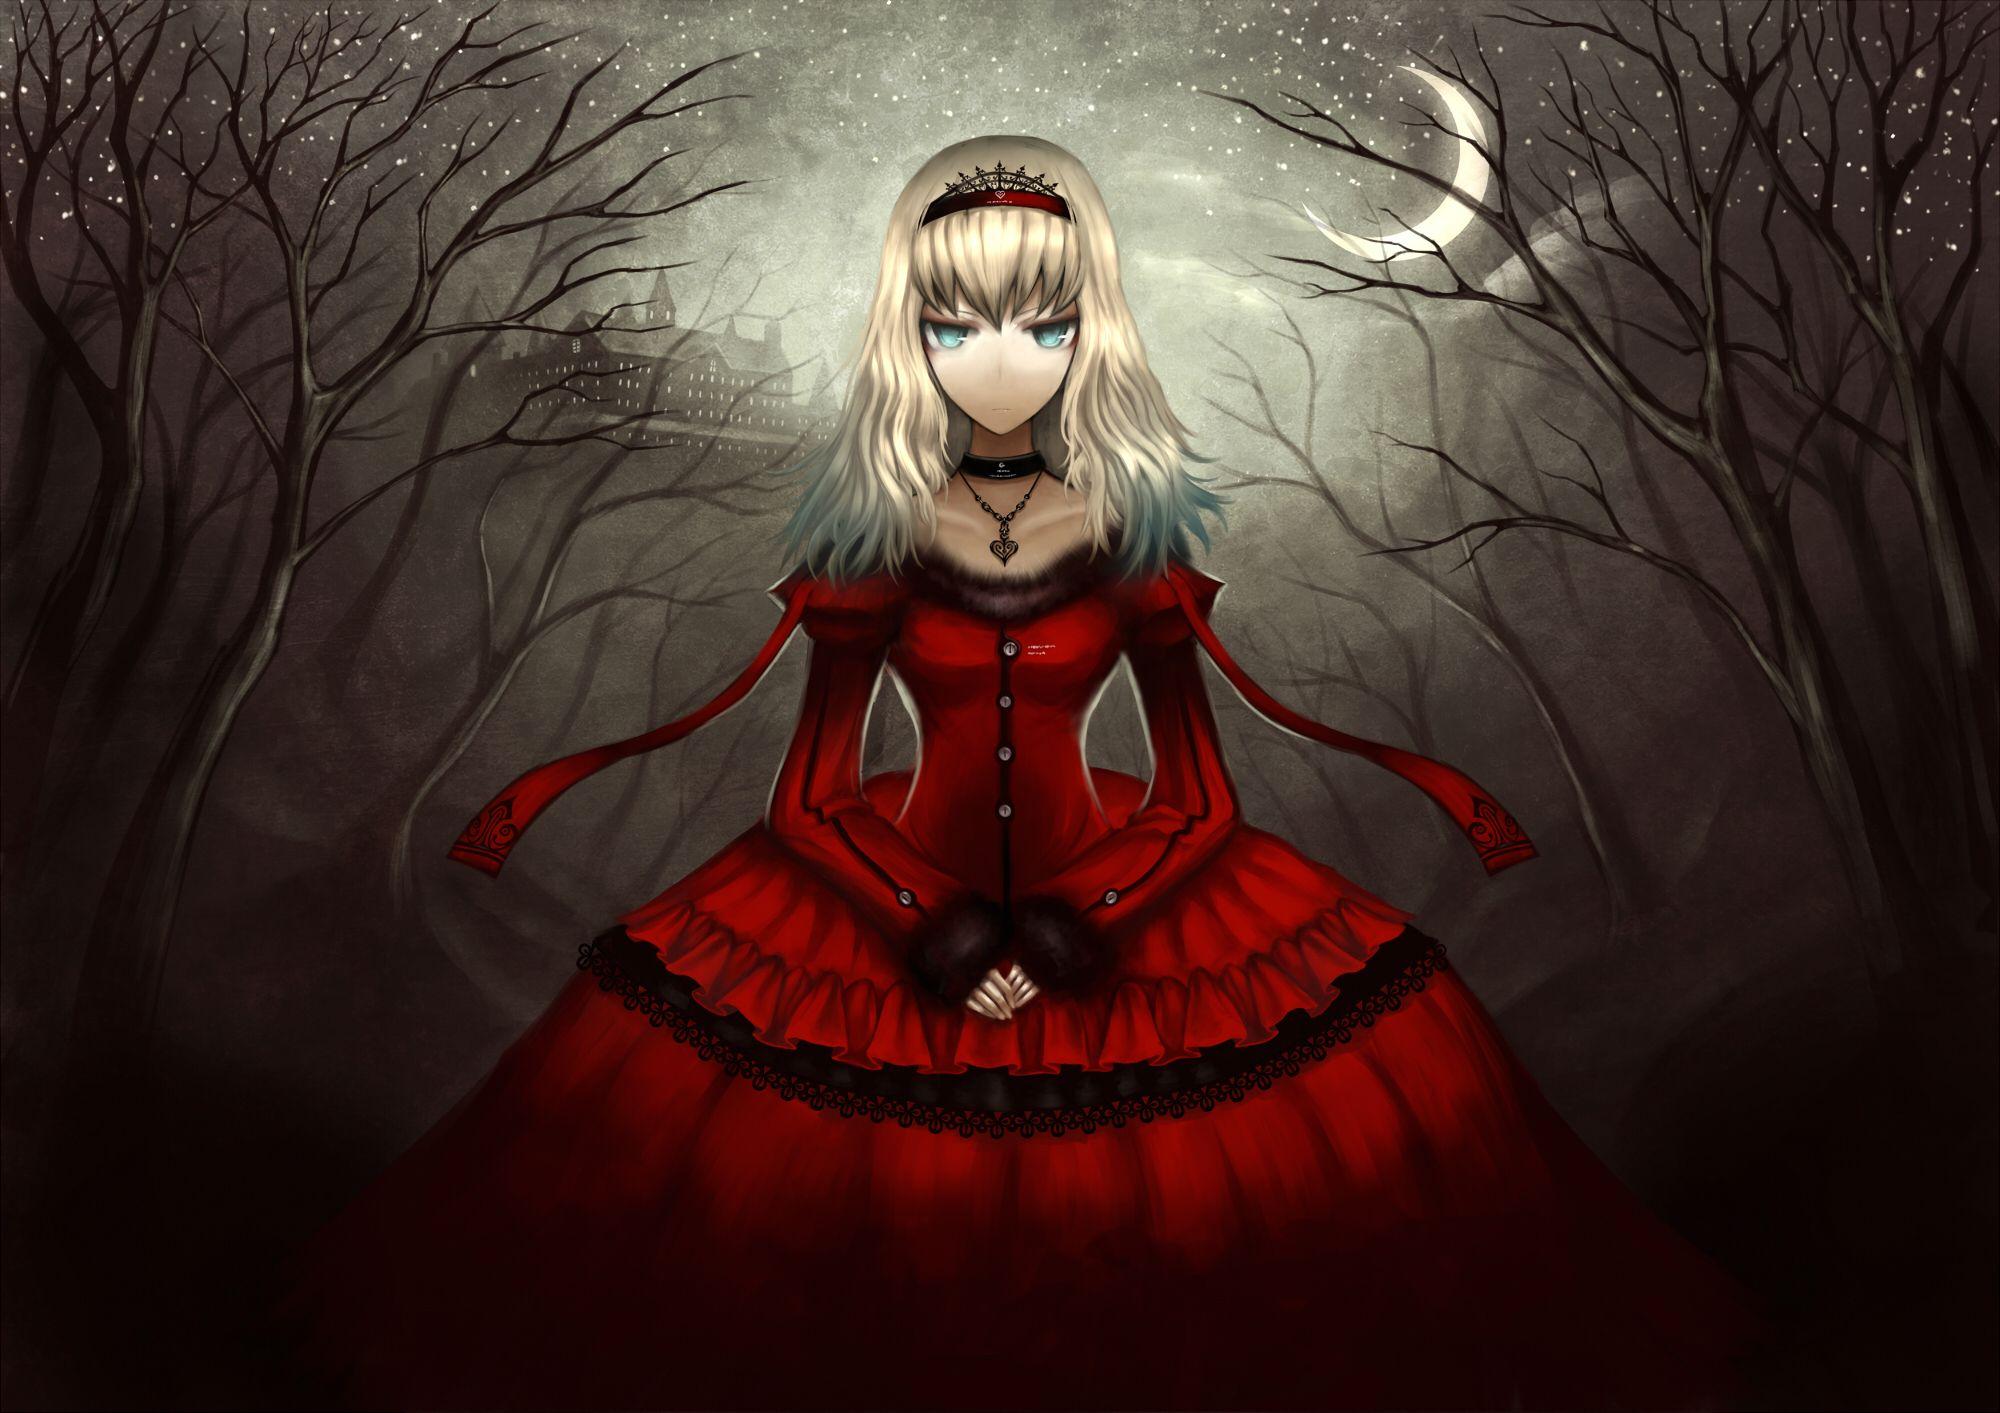 Anime Alice In Wonderland Dark Alice Wallpaper Alice In Wonderland Alice In Wonderland Dress Anime